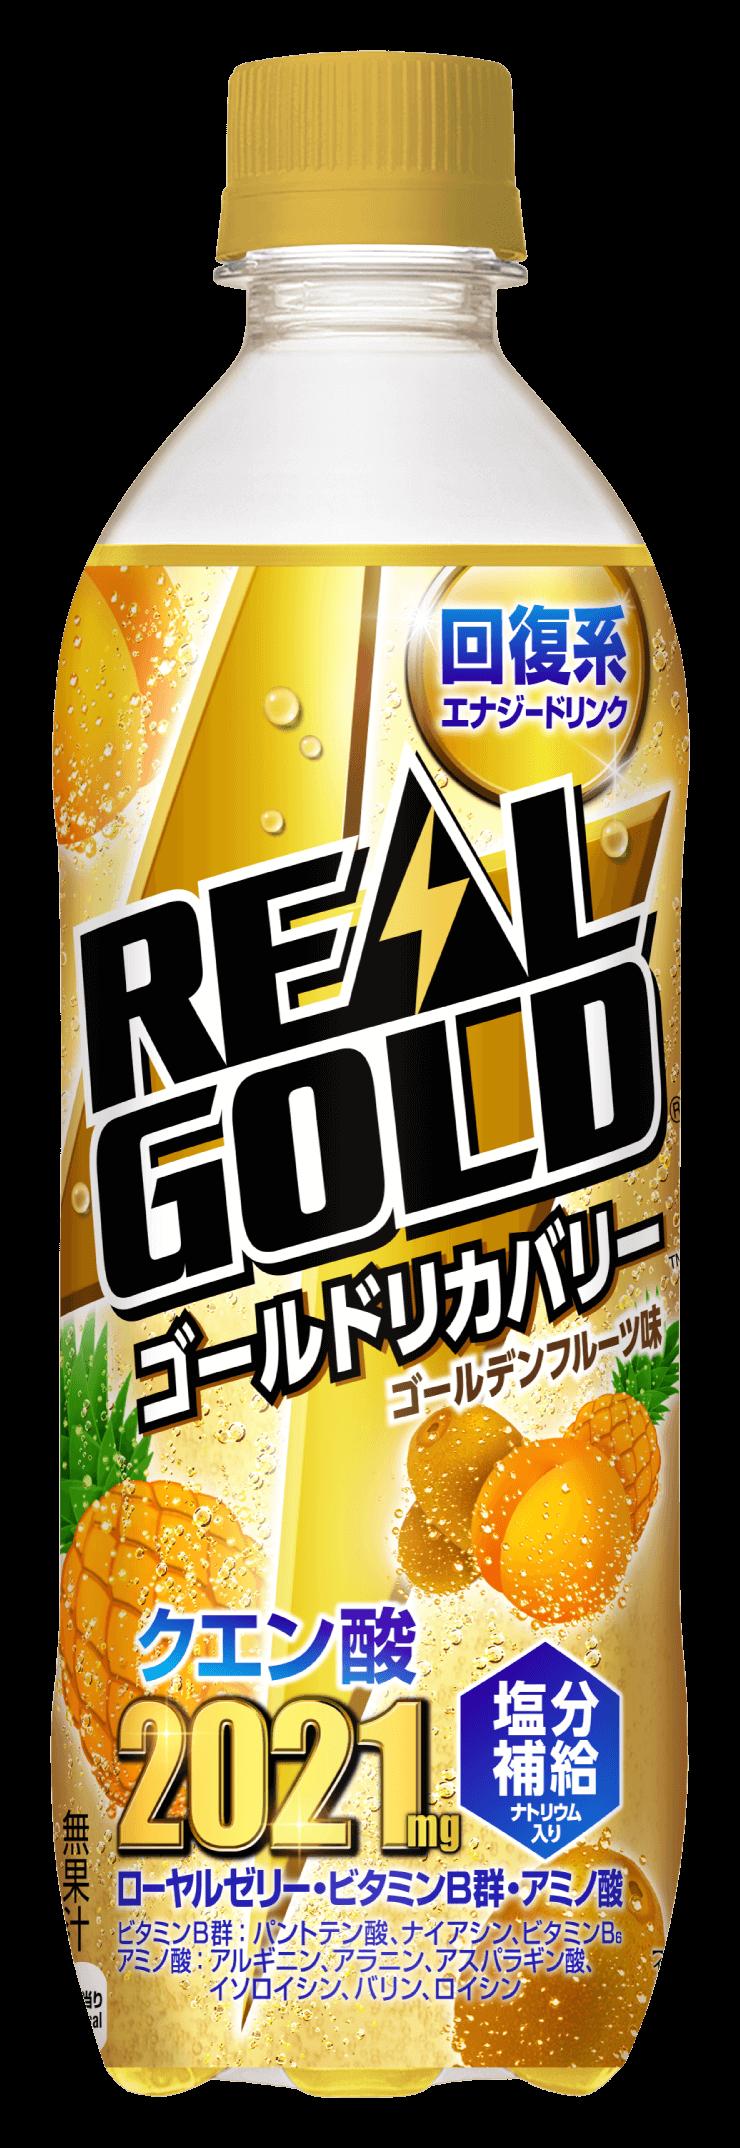 『リアルゴールド ゴールドリカバリー』